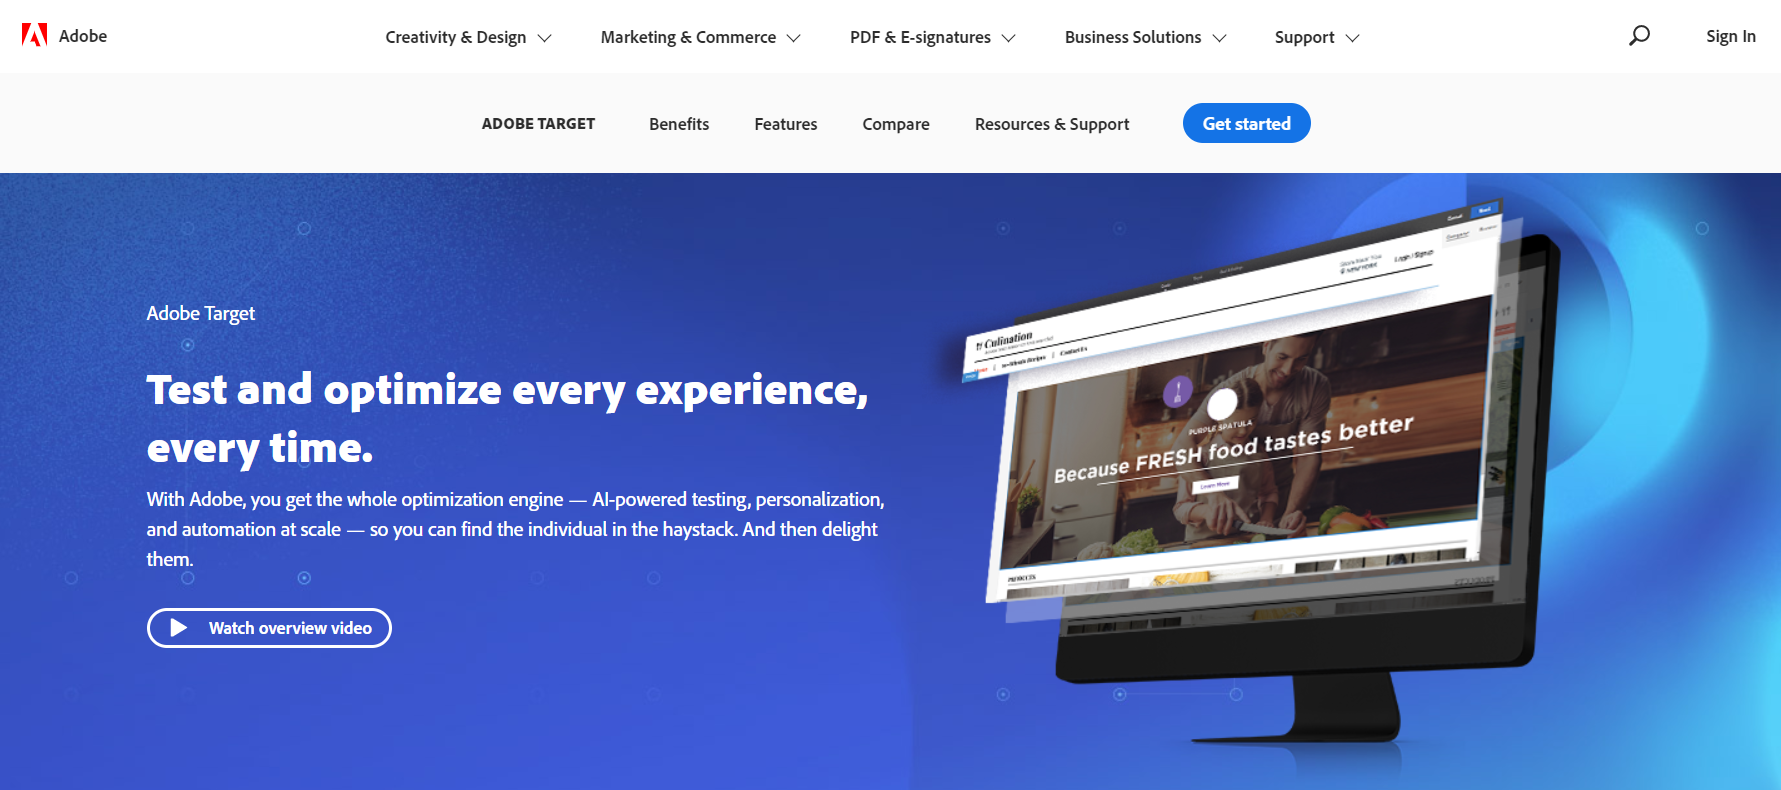 adobe target homepage.